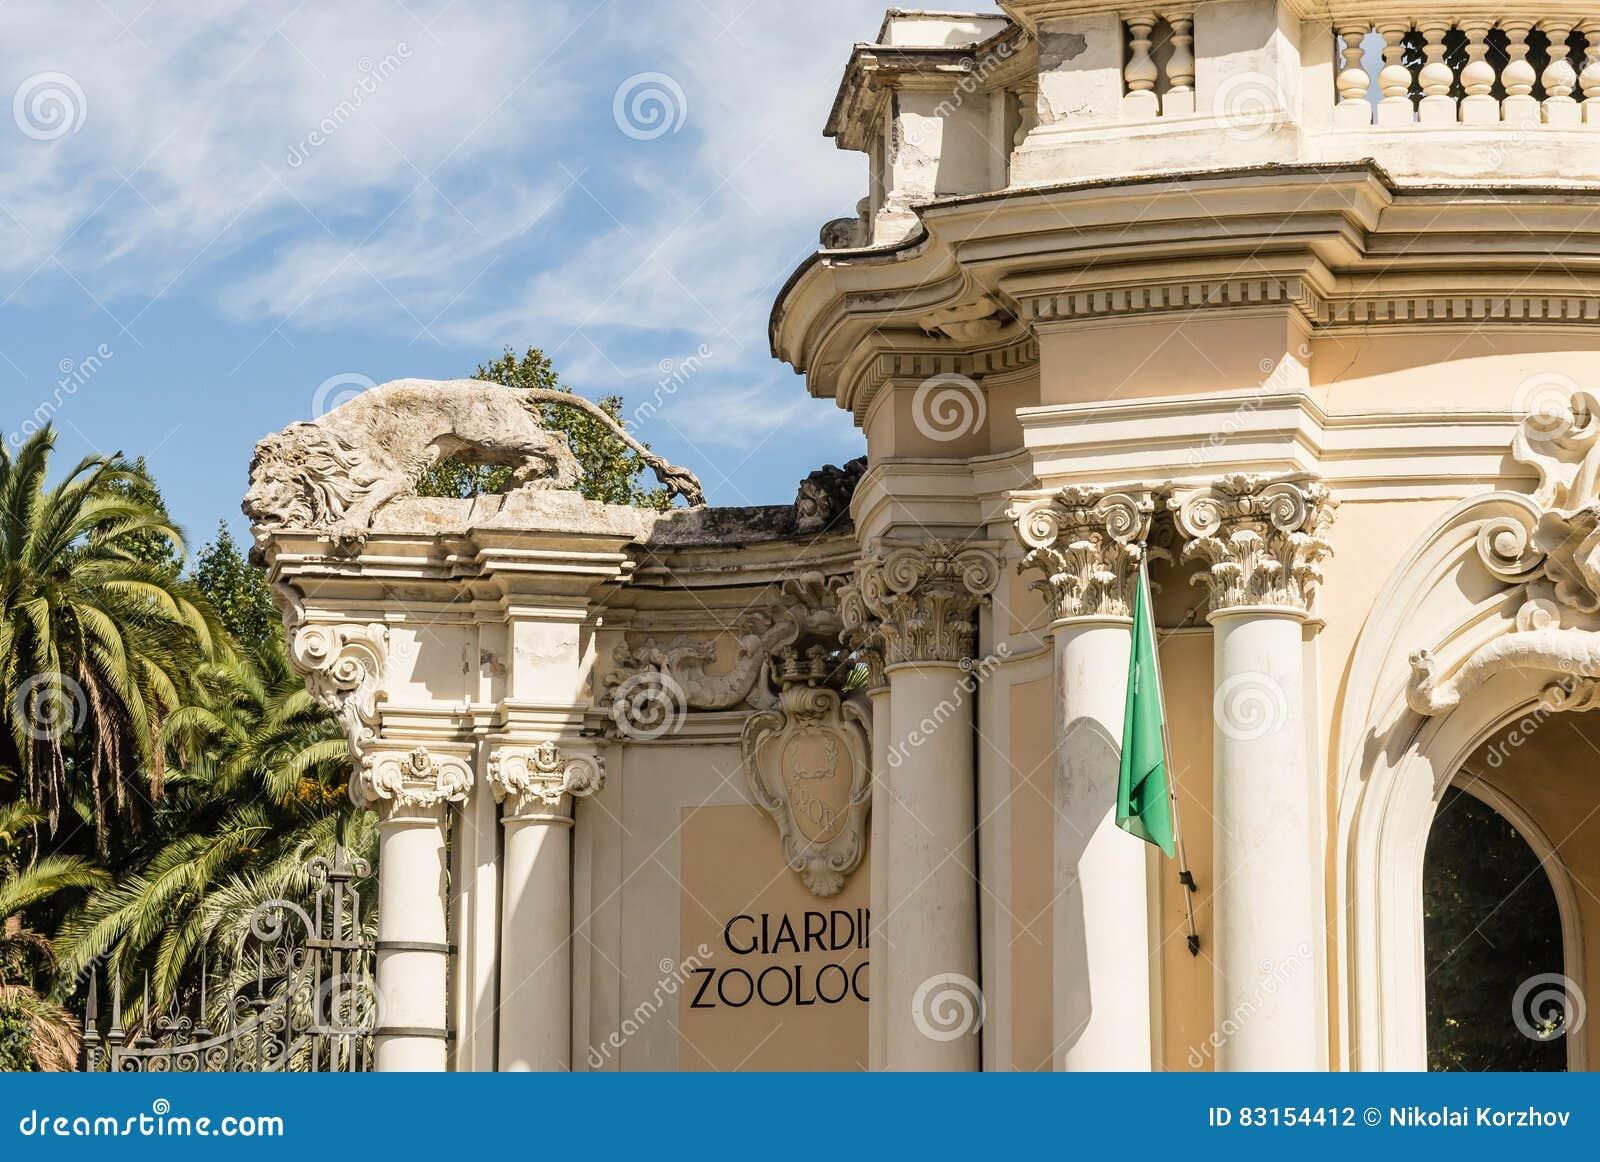 Bioparco Roma: lo zoo di Villa Borghese